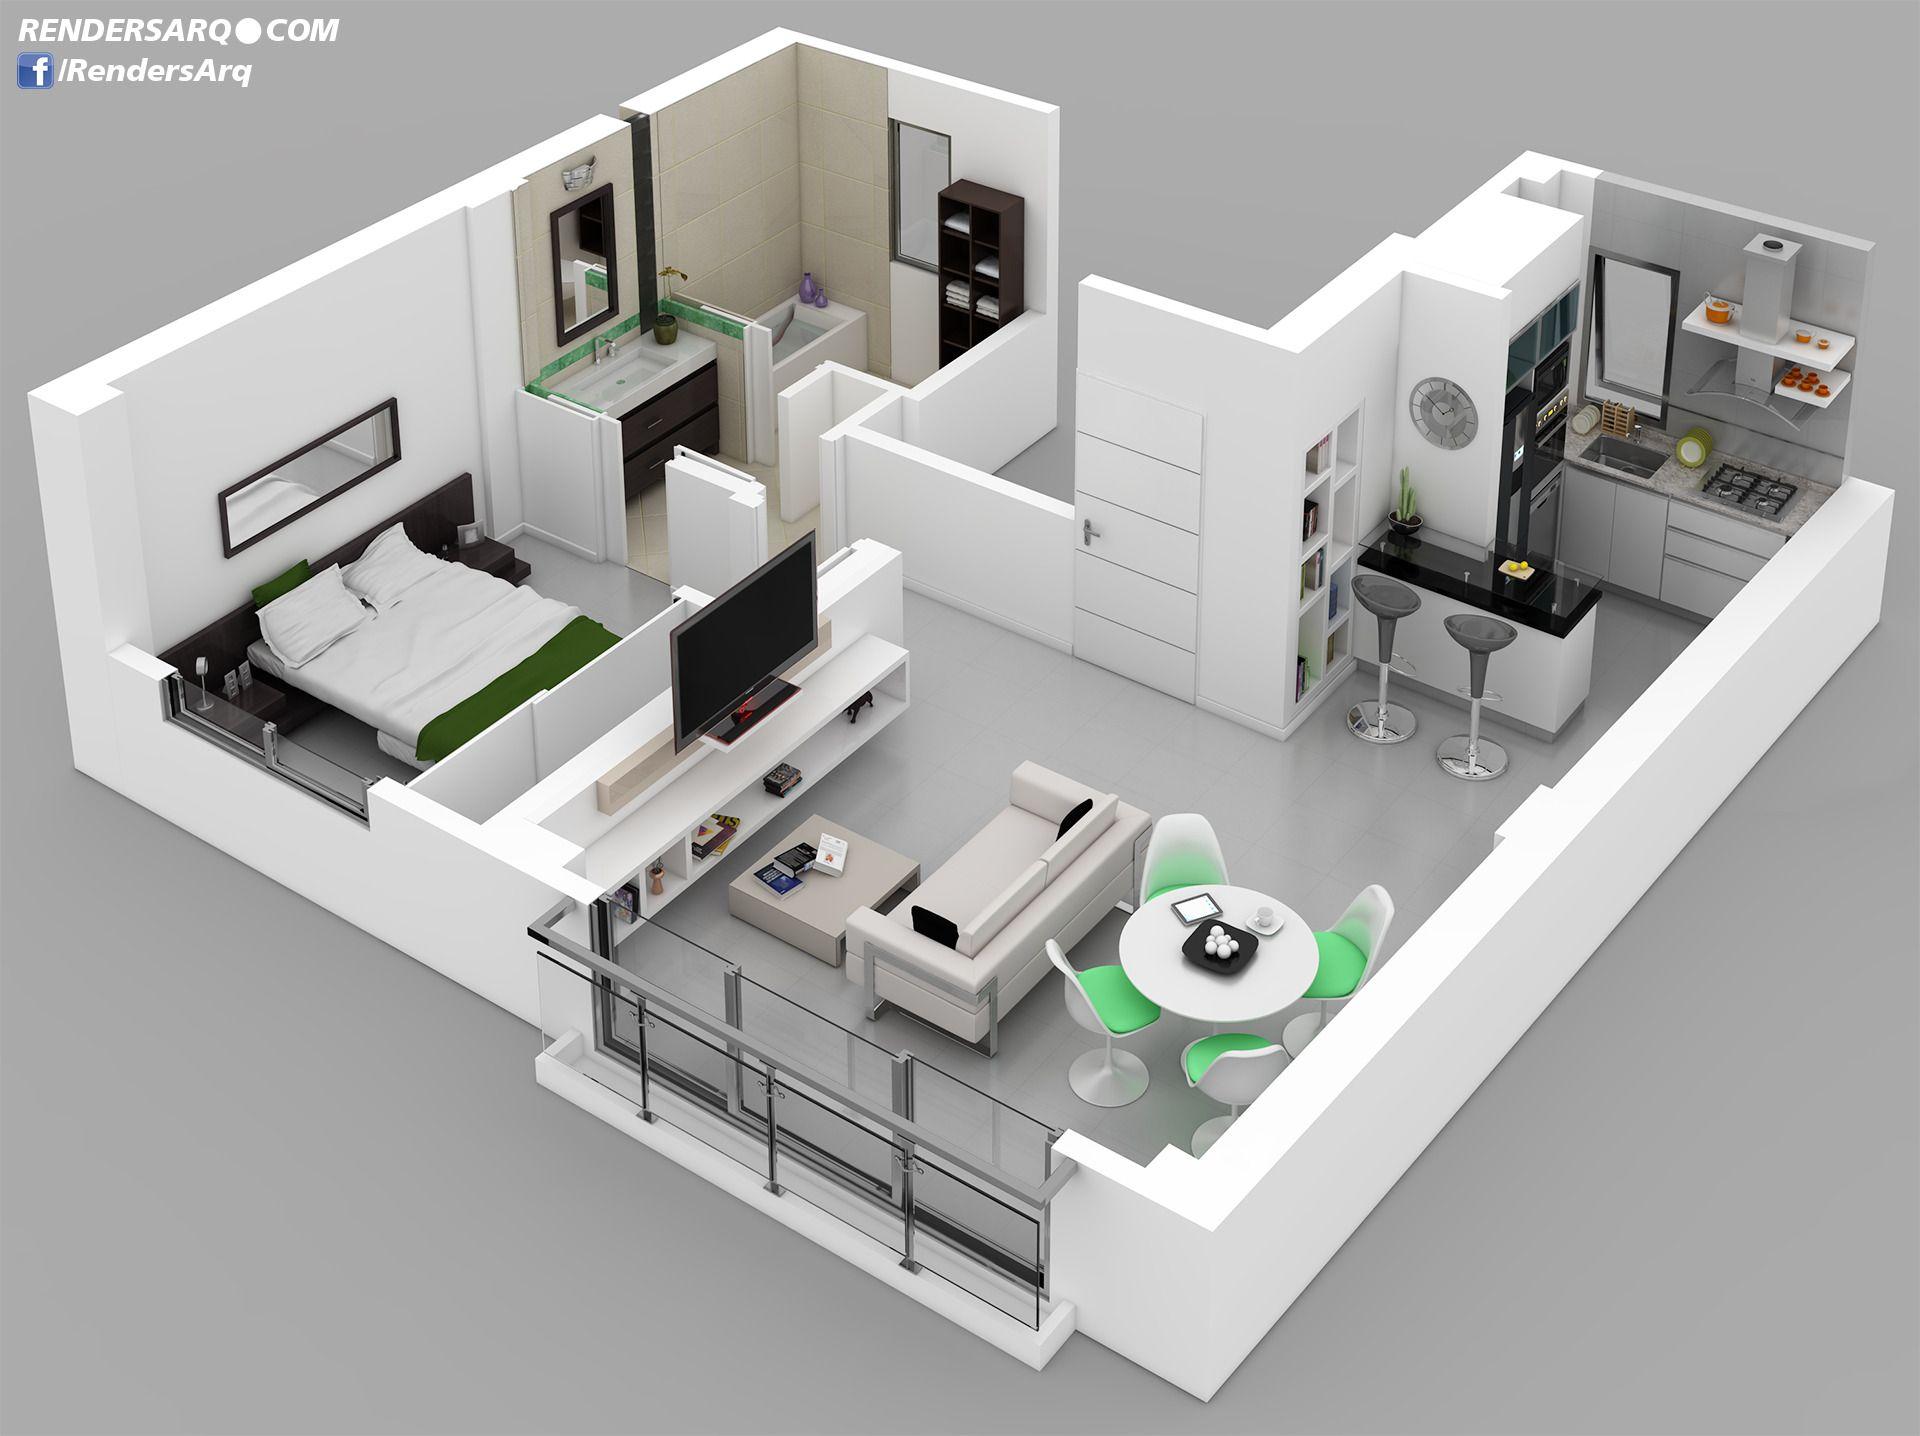 Renders Arquitectura Edifcio San Martin Avellaneda Planos De Casas 3d Casas En 3d Planos De Casas